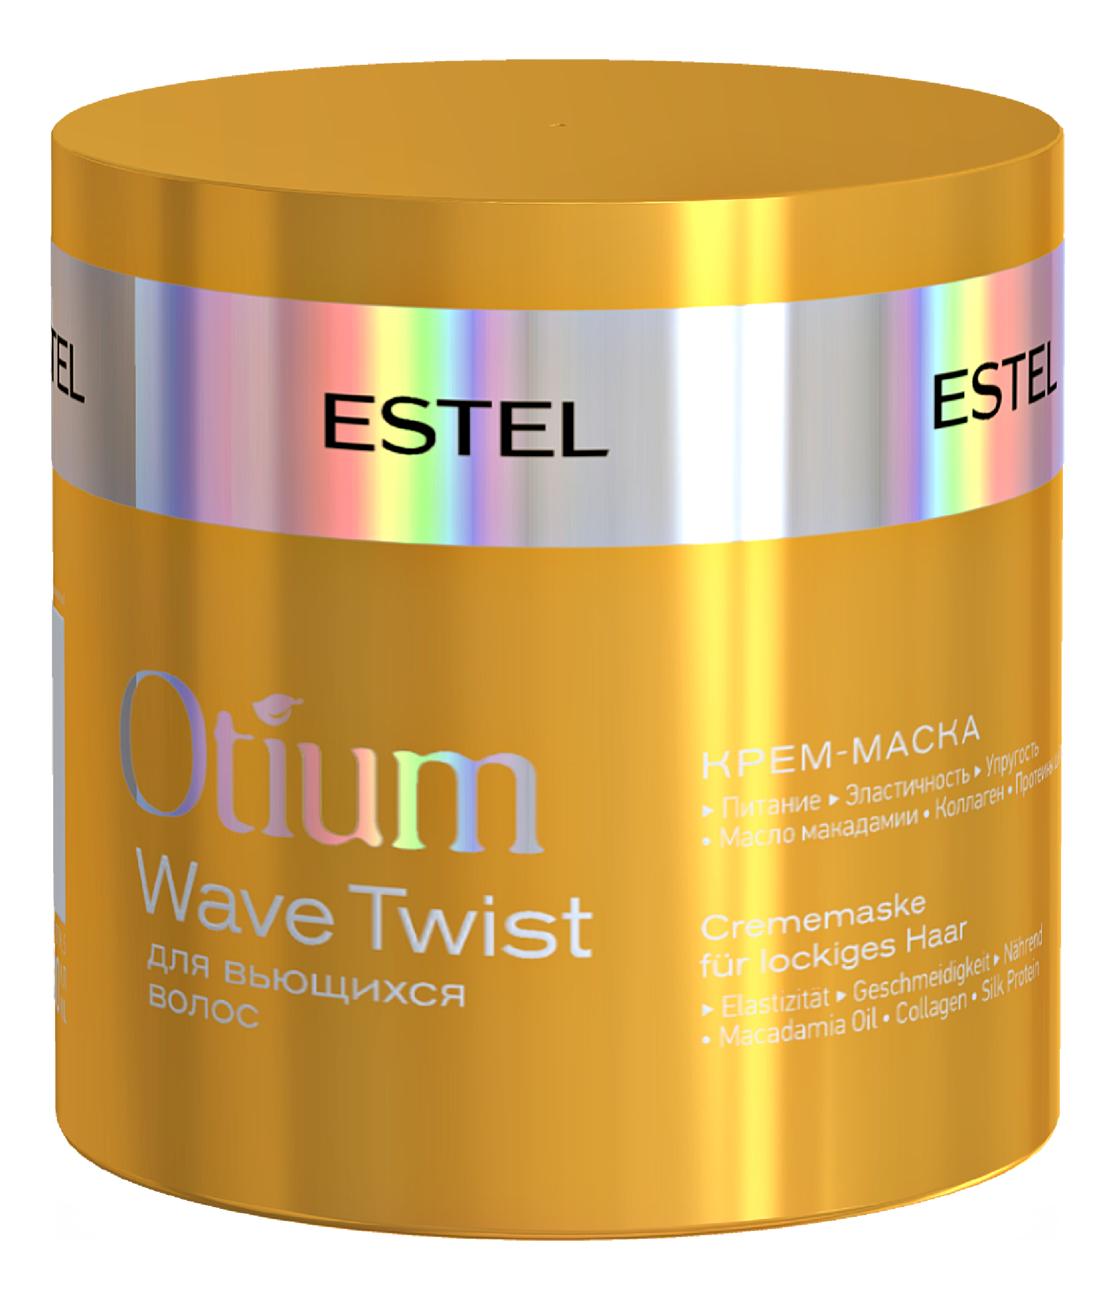 Крем-маска для вьющихся волос Otium Wave Twist 300мл estel otium wave twist shampoo шампунь крем для вьющихся волос 250 мл